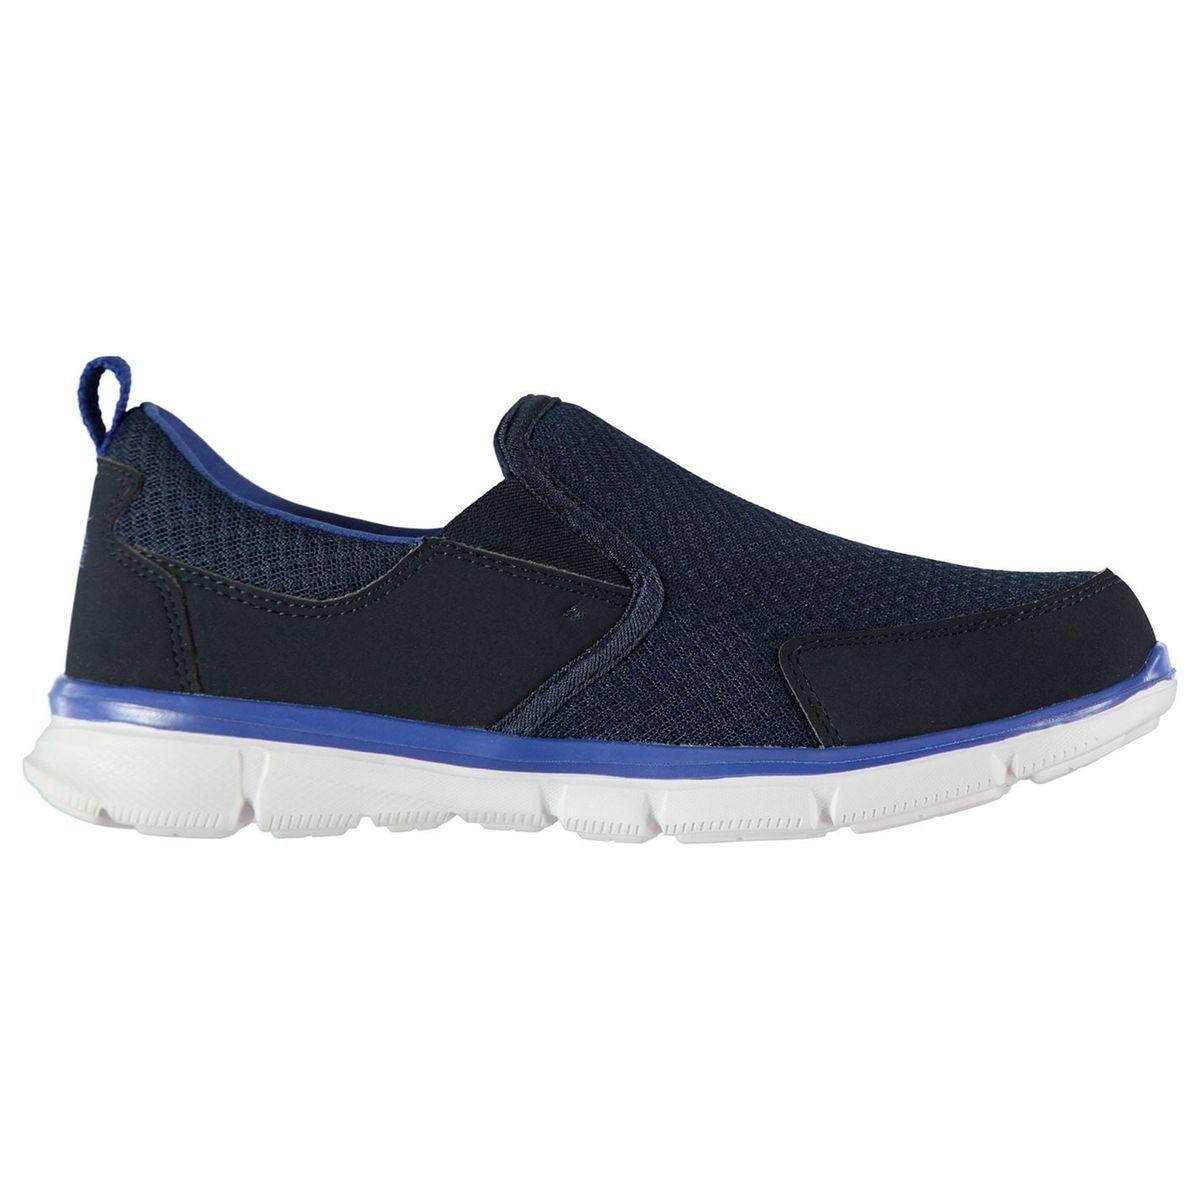 Chaussures de sport à enfiler